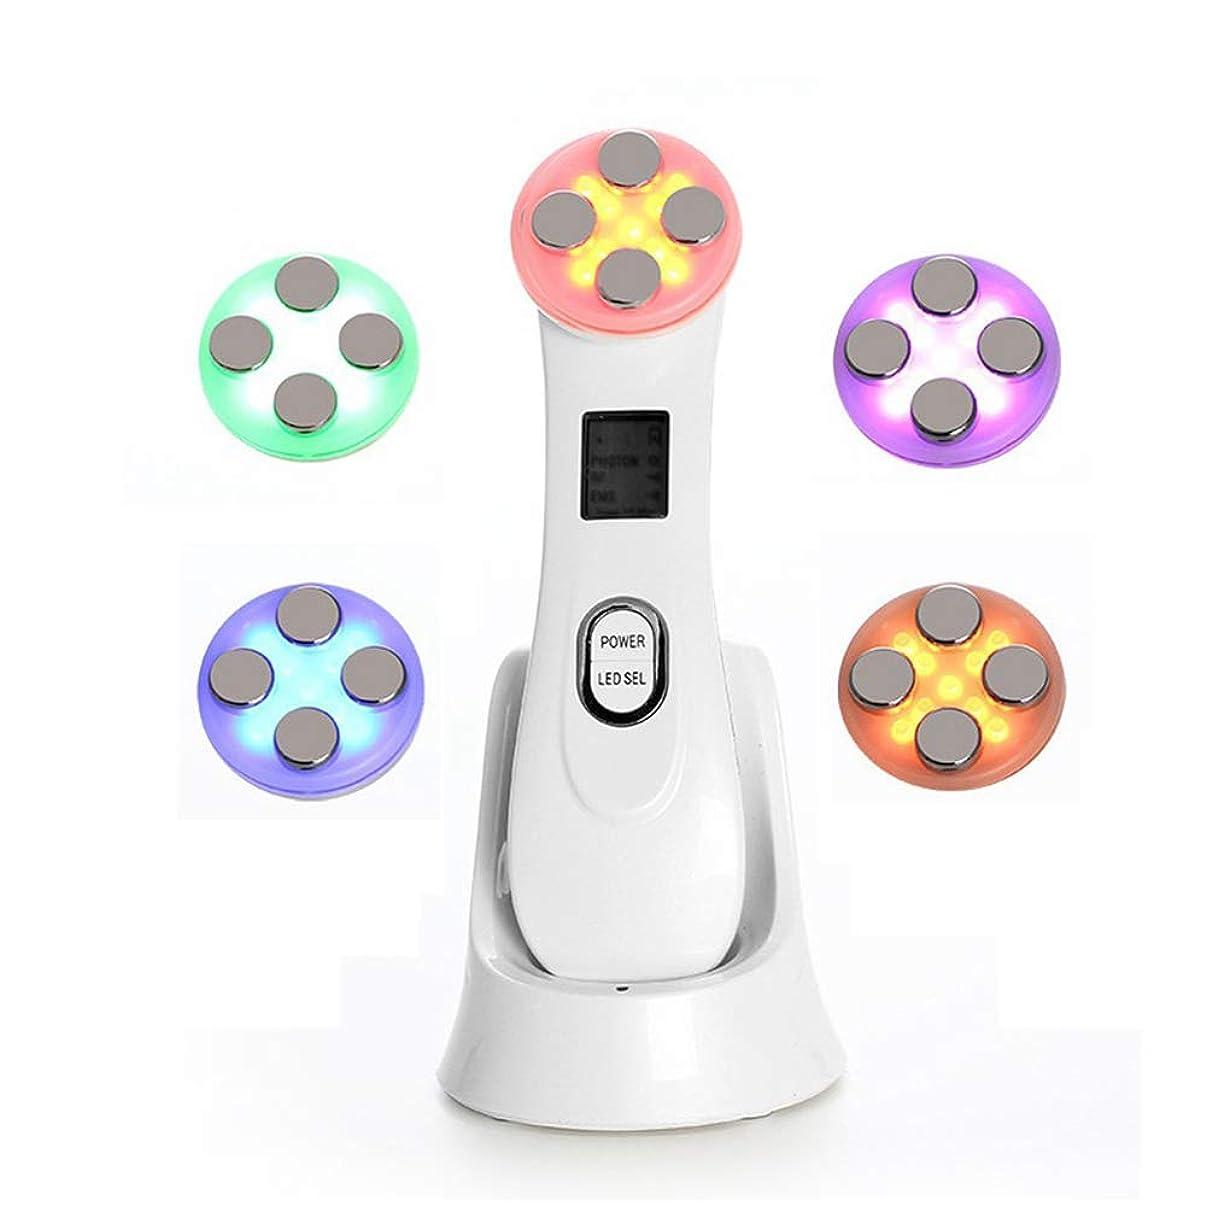 思いやり思春期襲撃アメリカのプラスチック機器EMSエレクトロポレーションRF美容機器LED肌色光剥離機美容機器